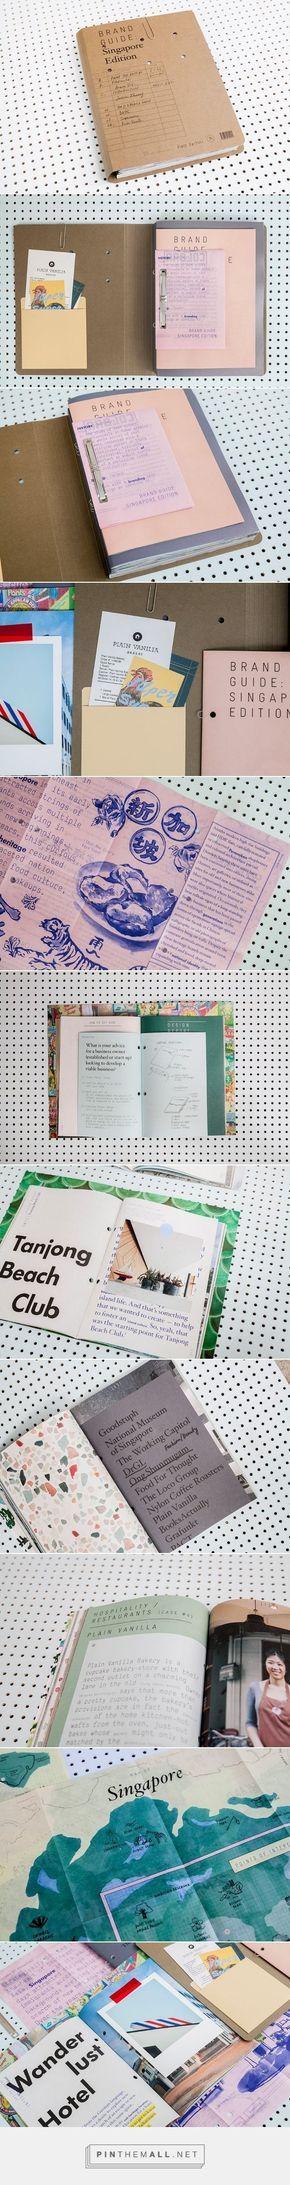 """Cadernos divididos em pequenas """"revistas"""" (podem ser as partes) e agrupamos assim. Entregar com fotos de arquivo e tiradas para o livro (como polaroides). Pode ter um cd com algum material tb. --- Brand Guide: Singapore Edition by FOREIGN POLICY DESIGN GROUP - created via"""